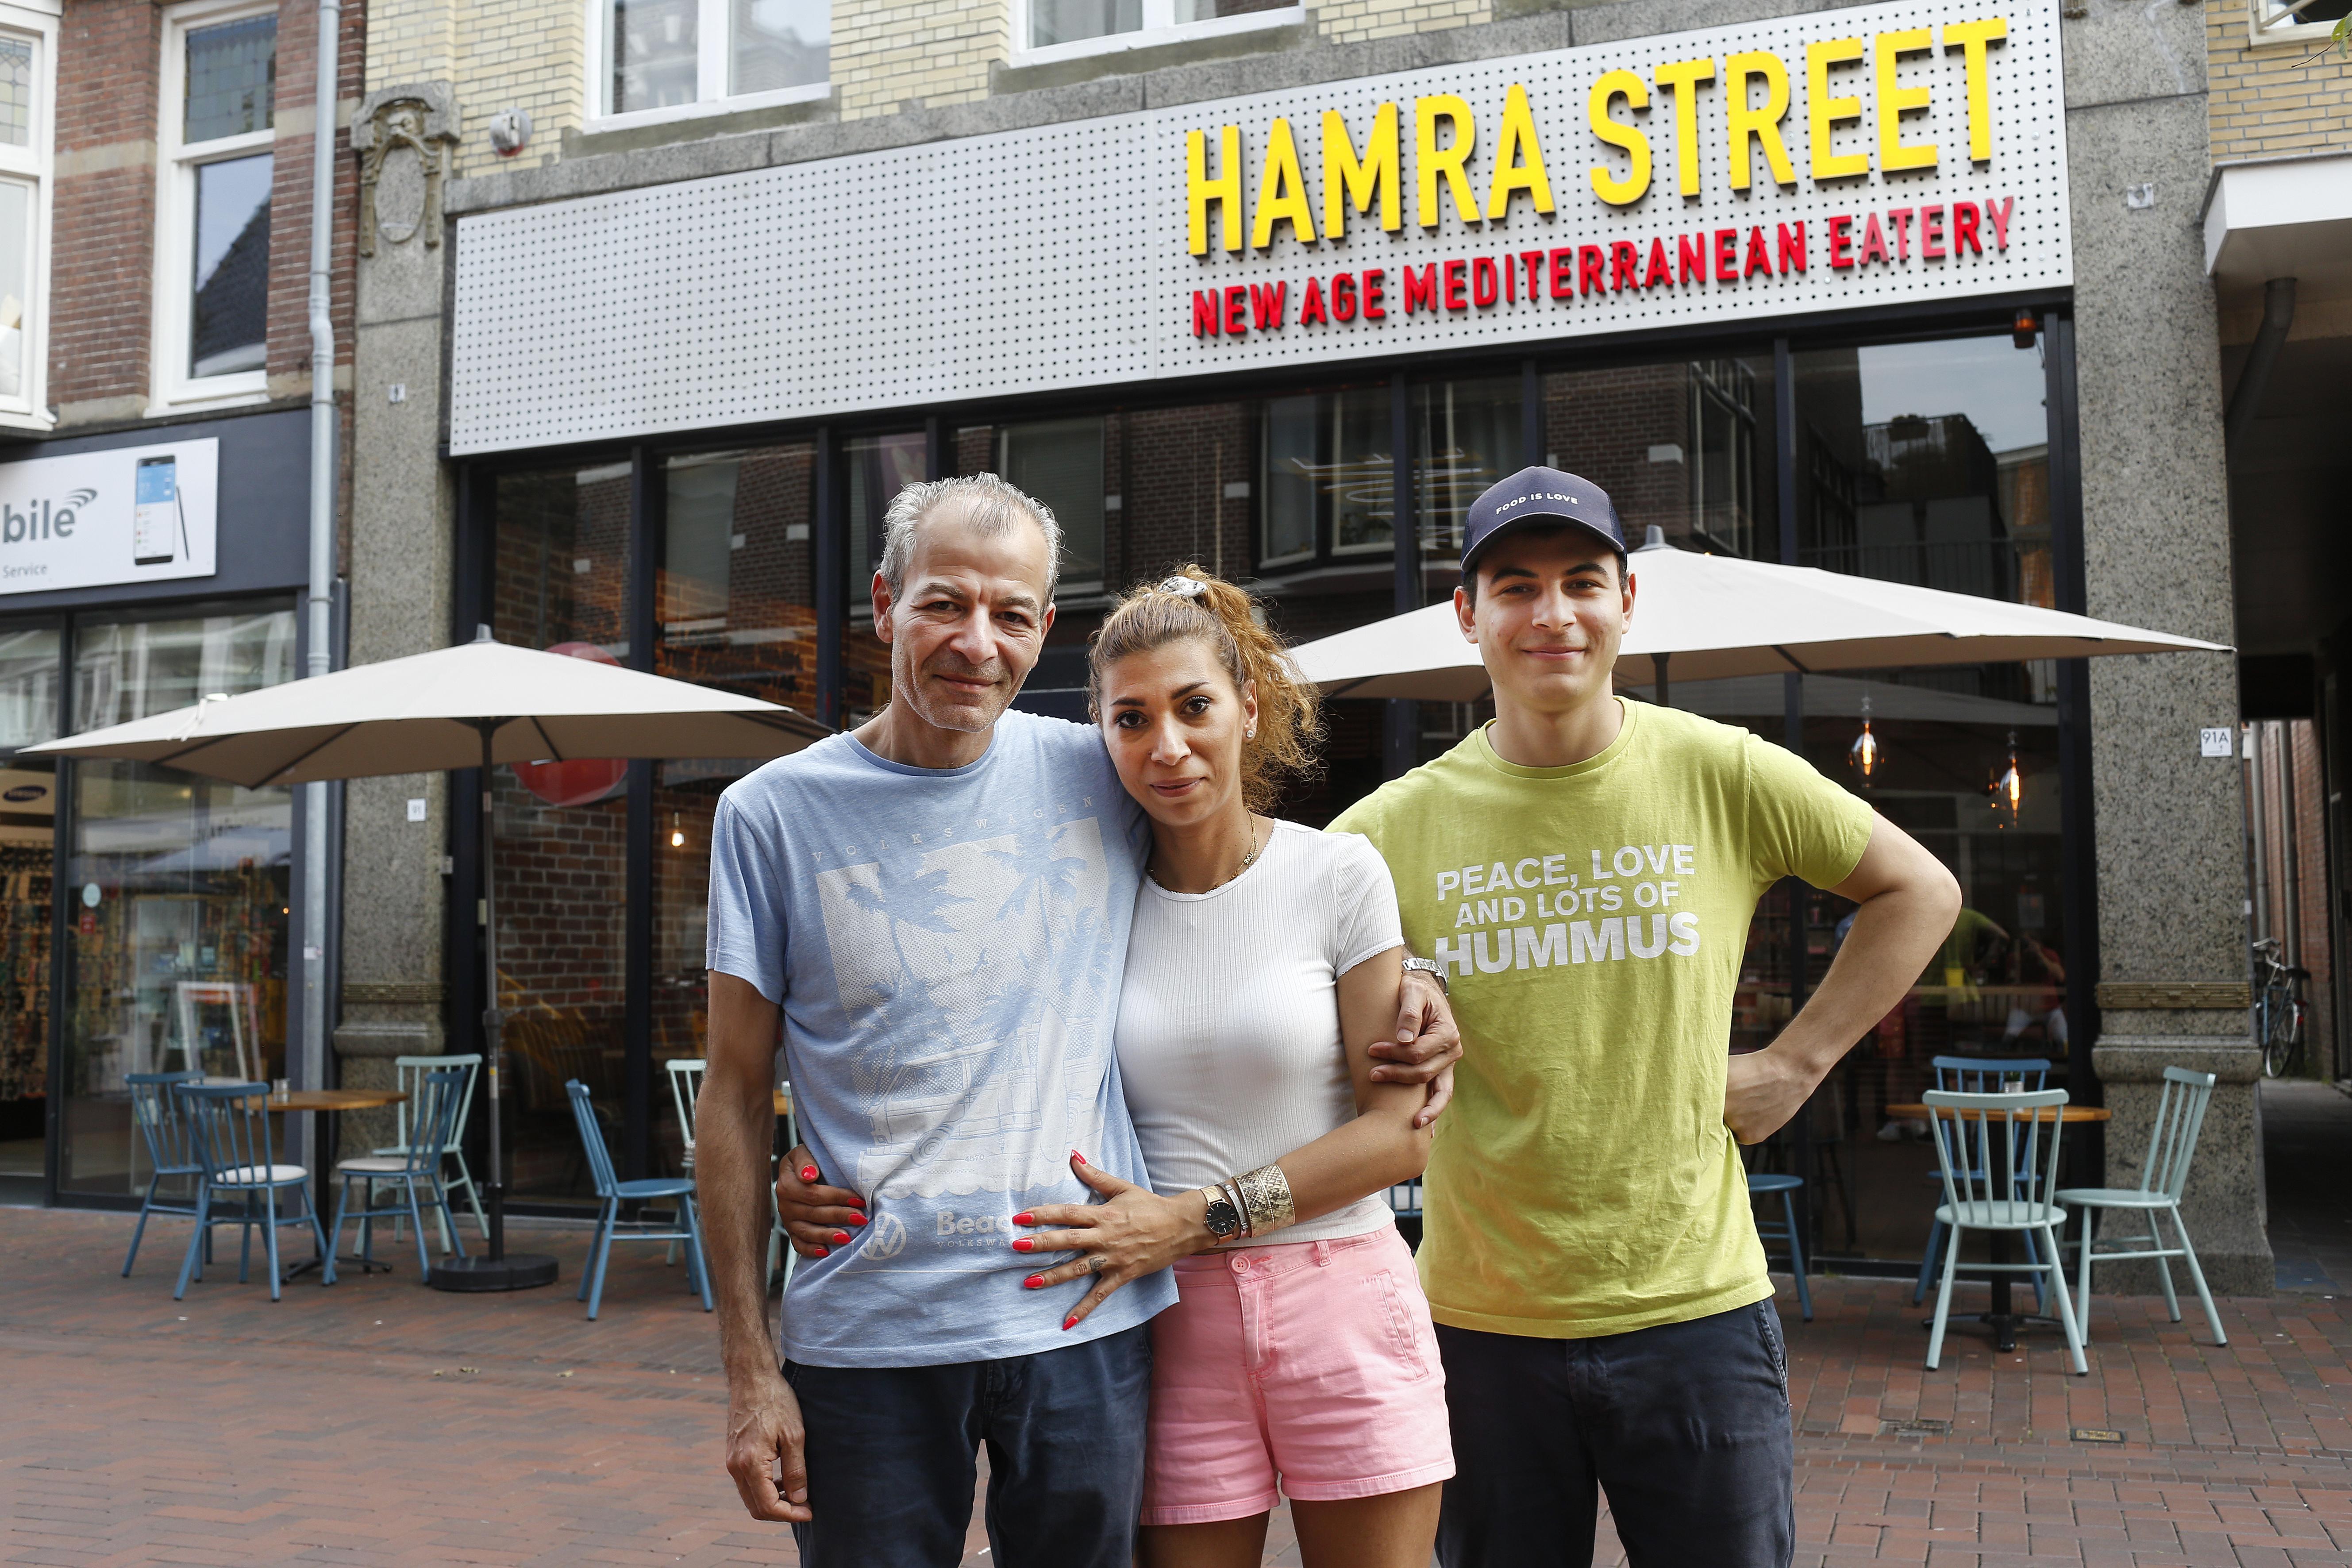 'Voor de klanten blijf je glimlachen, maar van binnen ga je kapot.' Hilversumse restauranthouders Nicolas (47) en Heba (39) Alraai geschokt na ramp in het Beiroet dat zij ontvluchtten